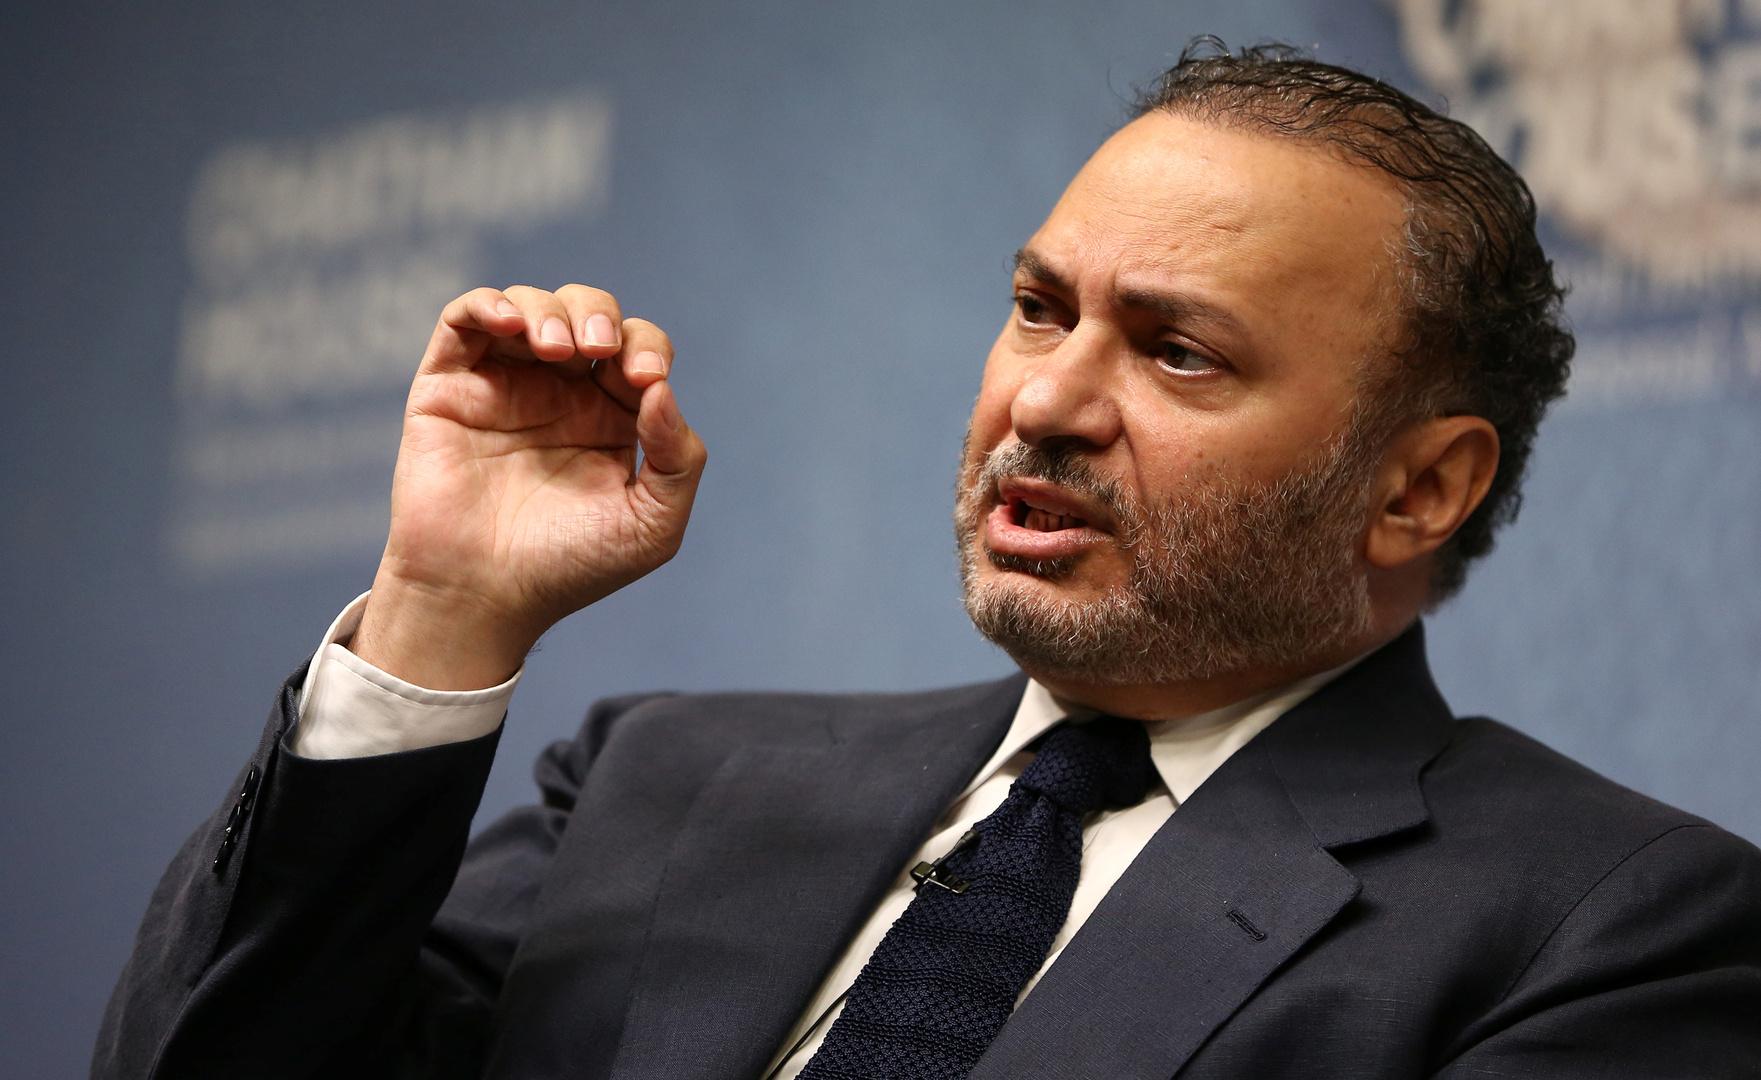 الإمارات ترحب بقرار إدارة ترامب تصنيف الحوثيين تنظيما إرهابيا